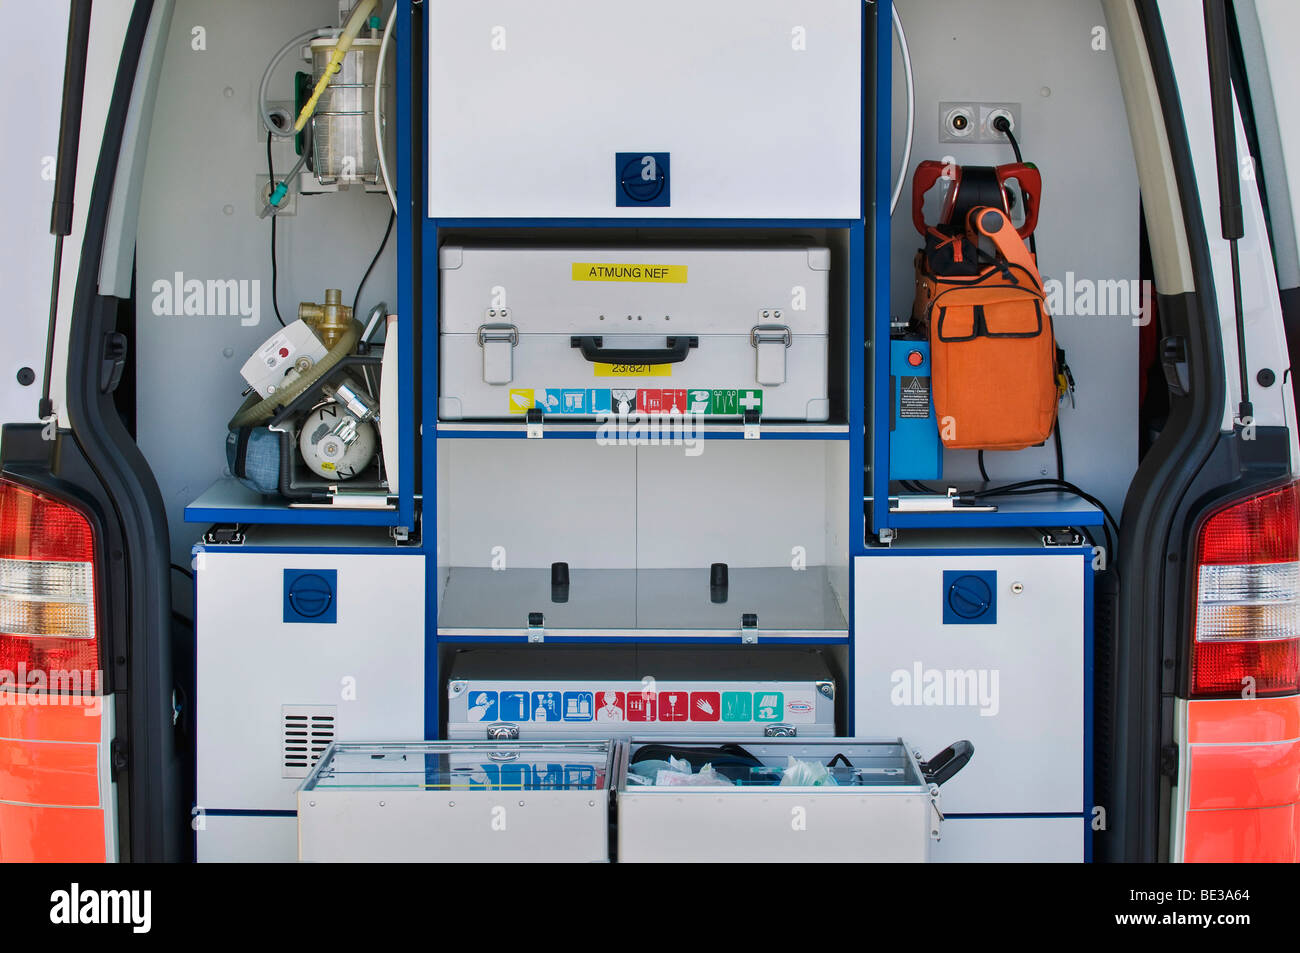 Interior de una ambulancia, medicamentos y equipos, dispuestos a mano Imagen De Stock